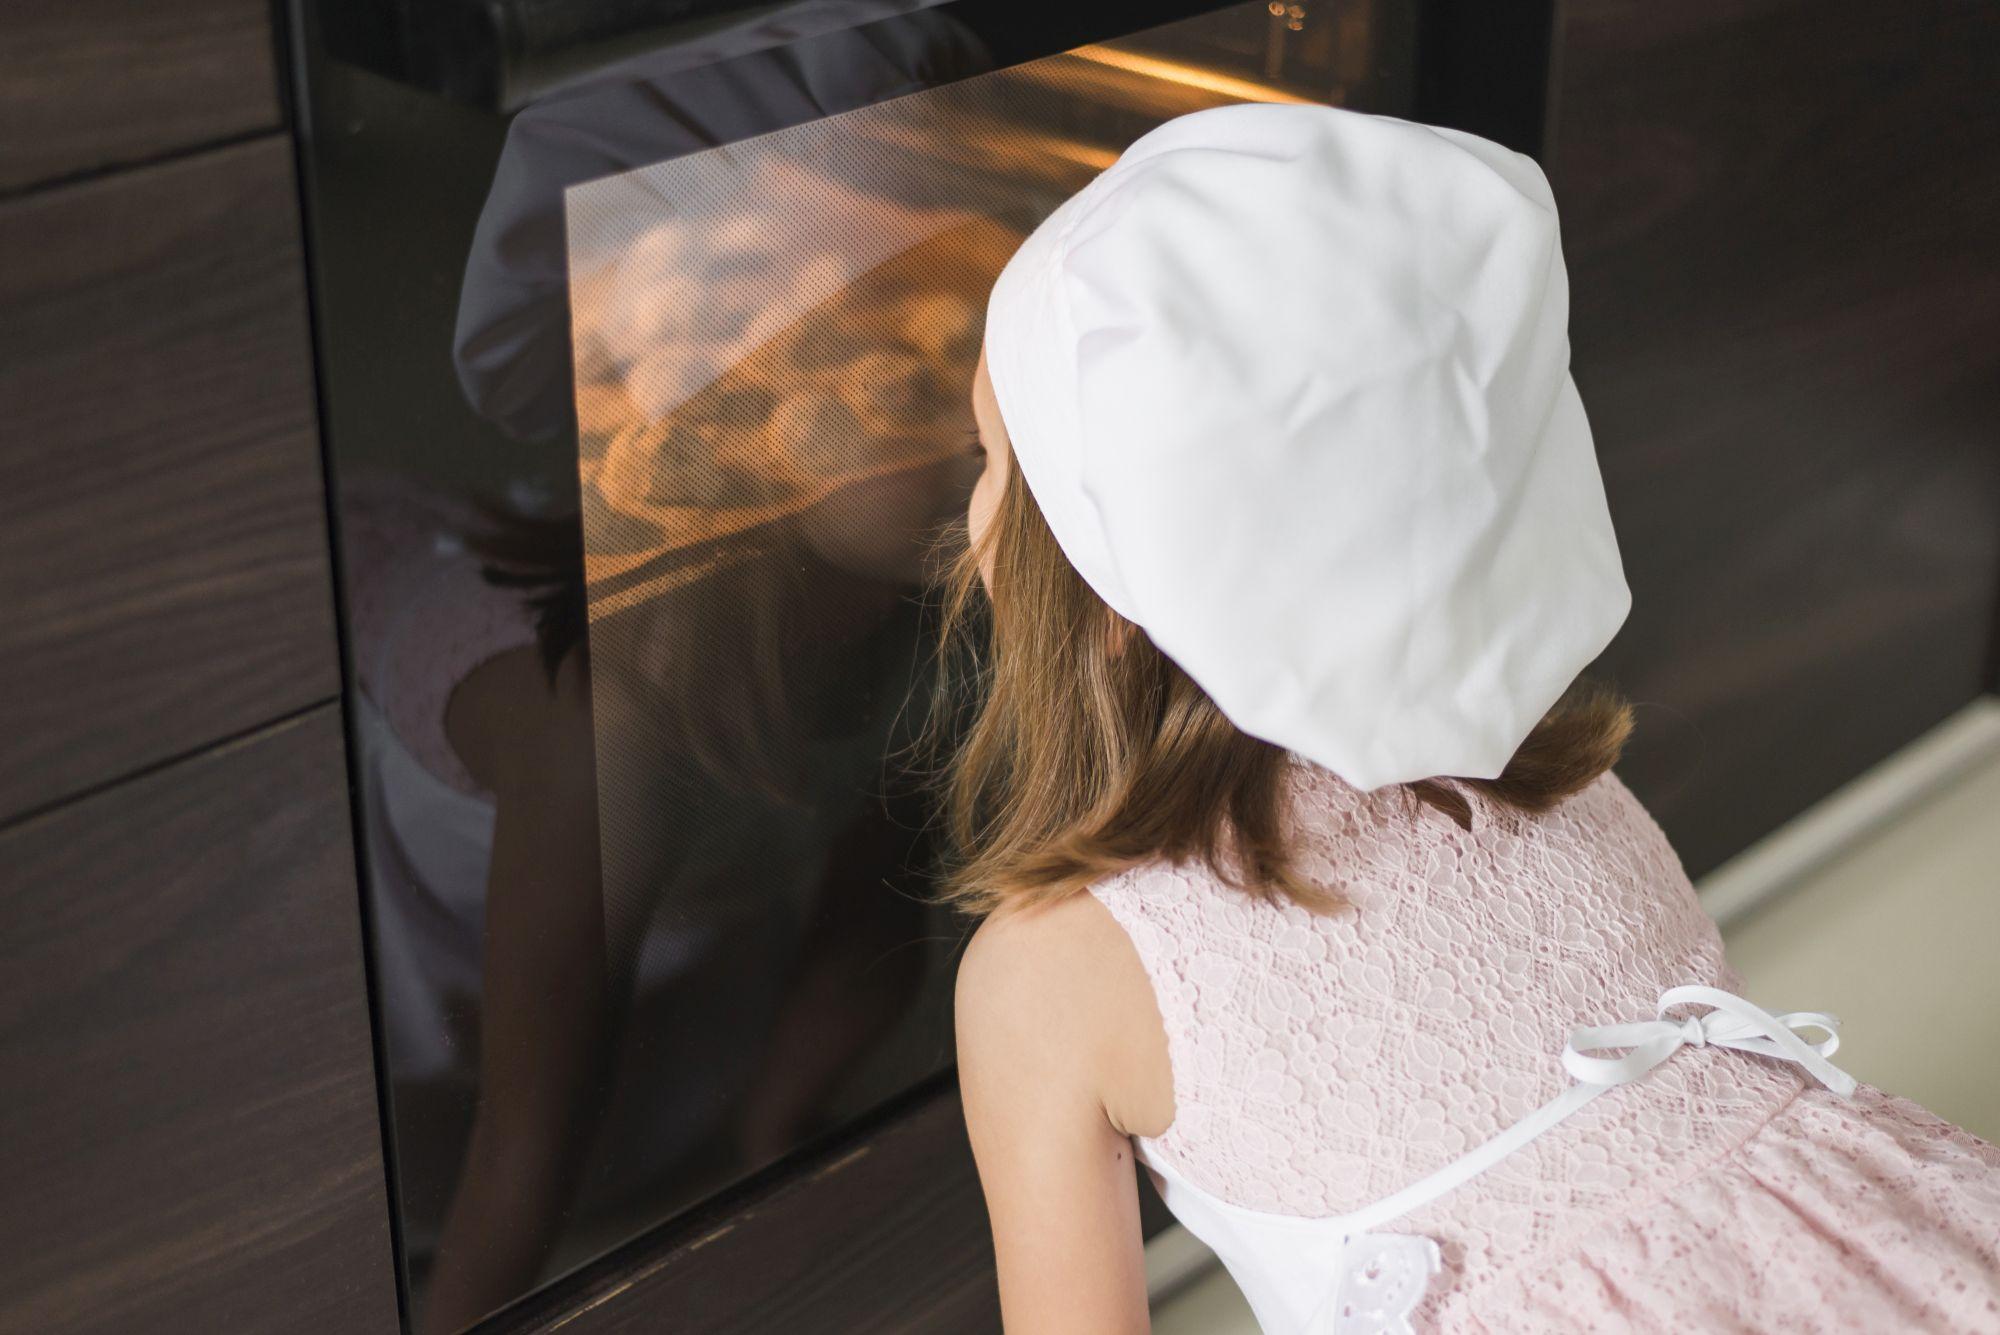 Kislány a gőzsütő előtt ülve nézi a megvilágított sütőteret